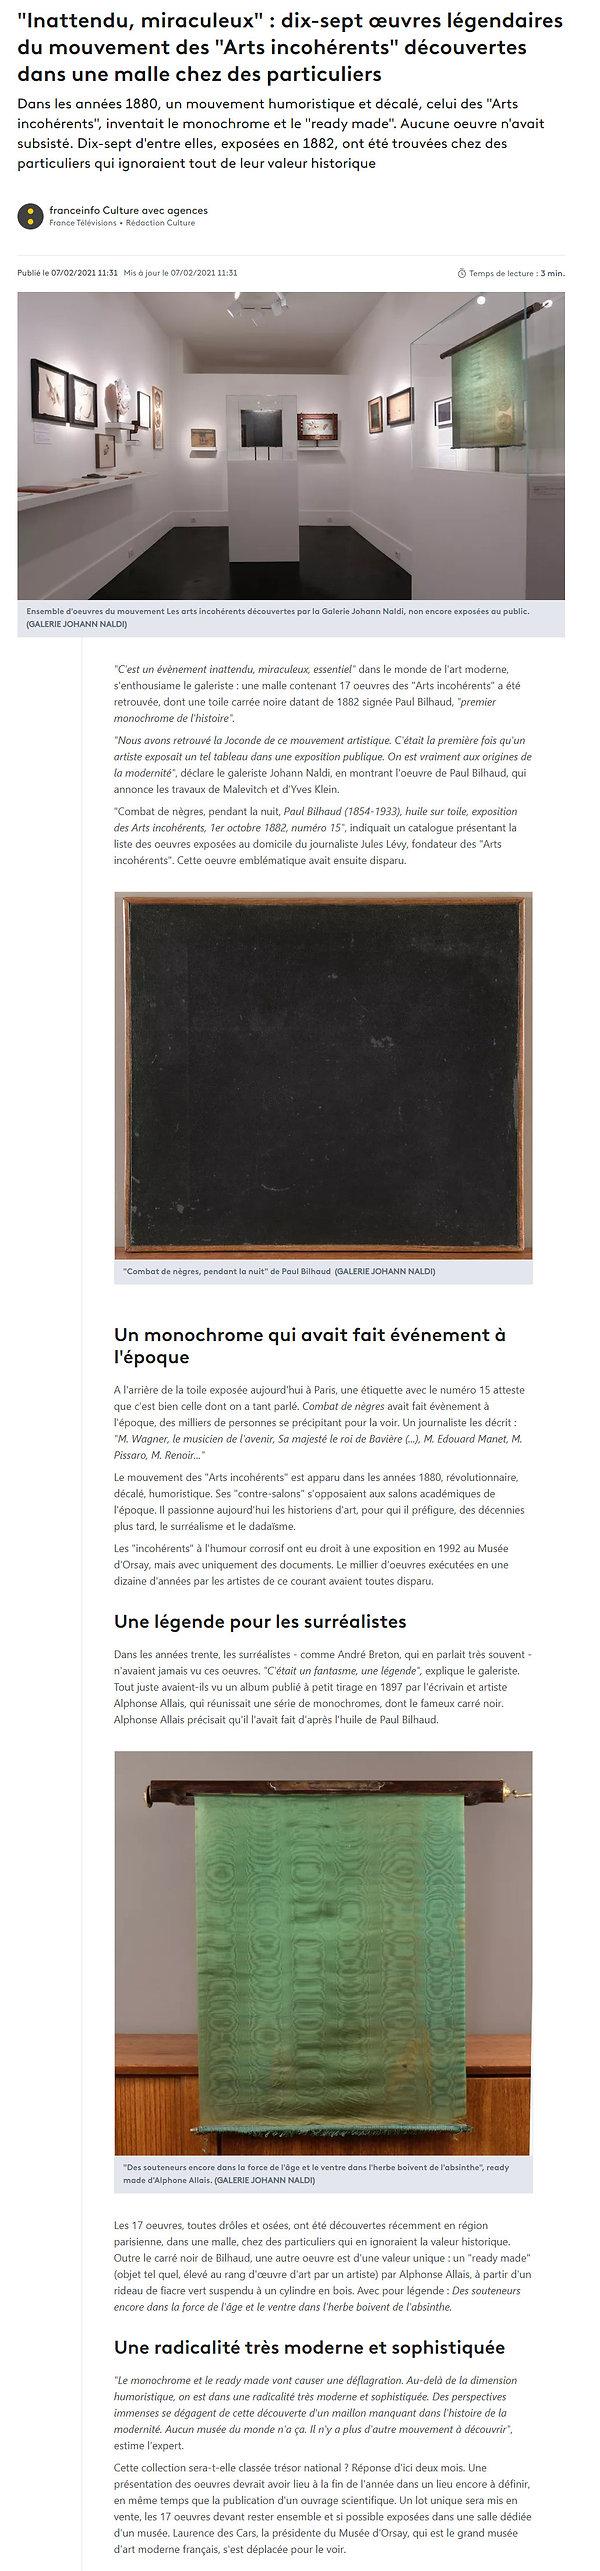 Franceinfo 07 02 21.JPG